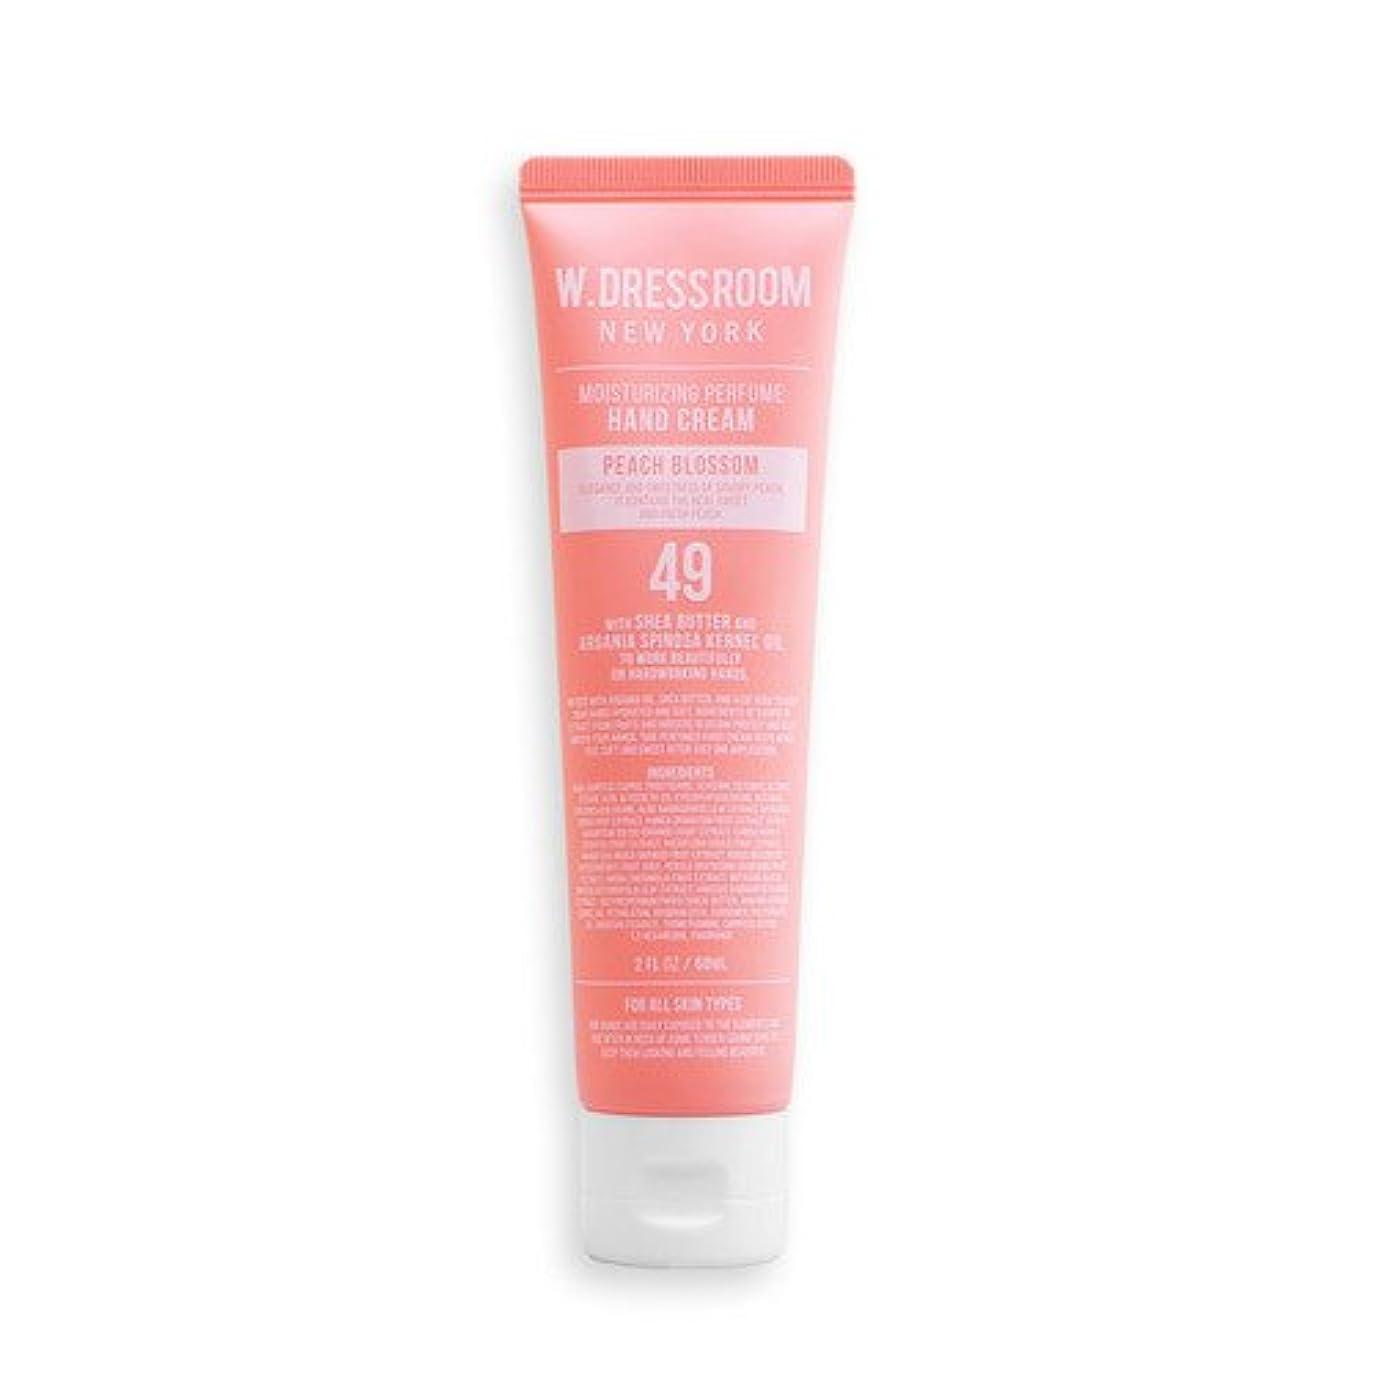 引き渡すピルファーメイドW.DRESSROOM Moisturizing Perfume Hand Cream 60ml/ダブルドレスルーム モイスチャライジング パフューム ハンドクリーム 60ml (#No.49 Peach Blossom...